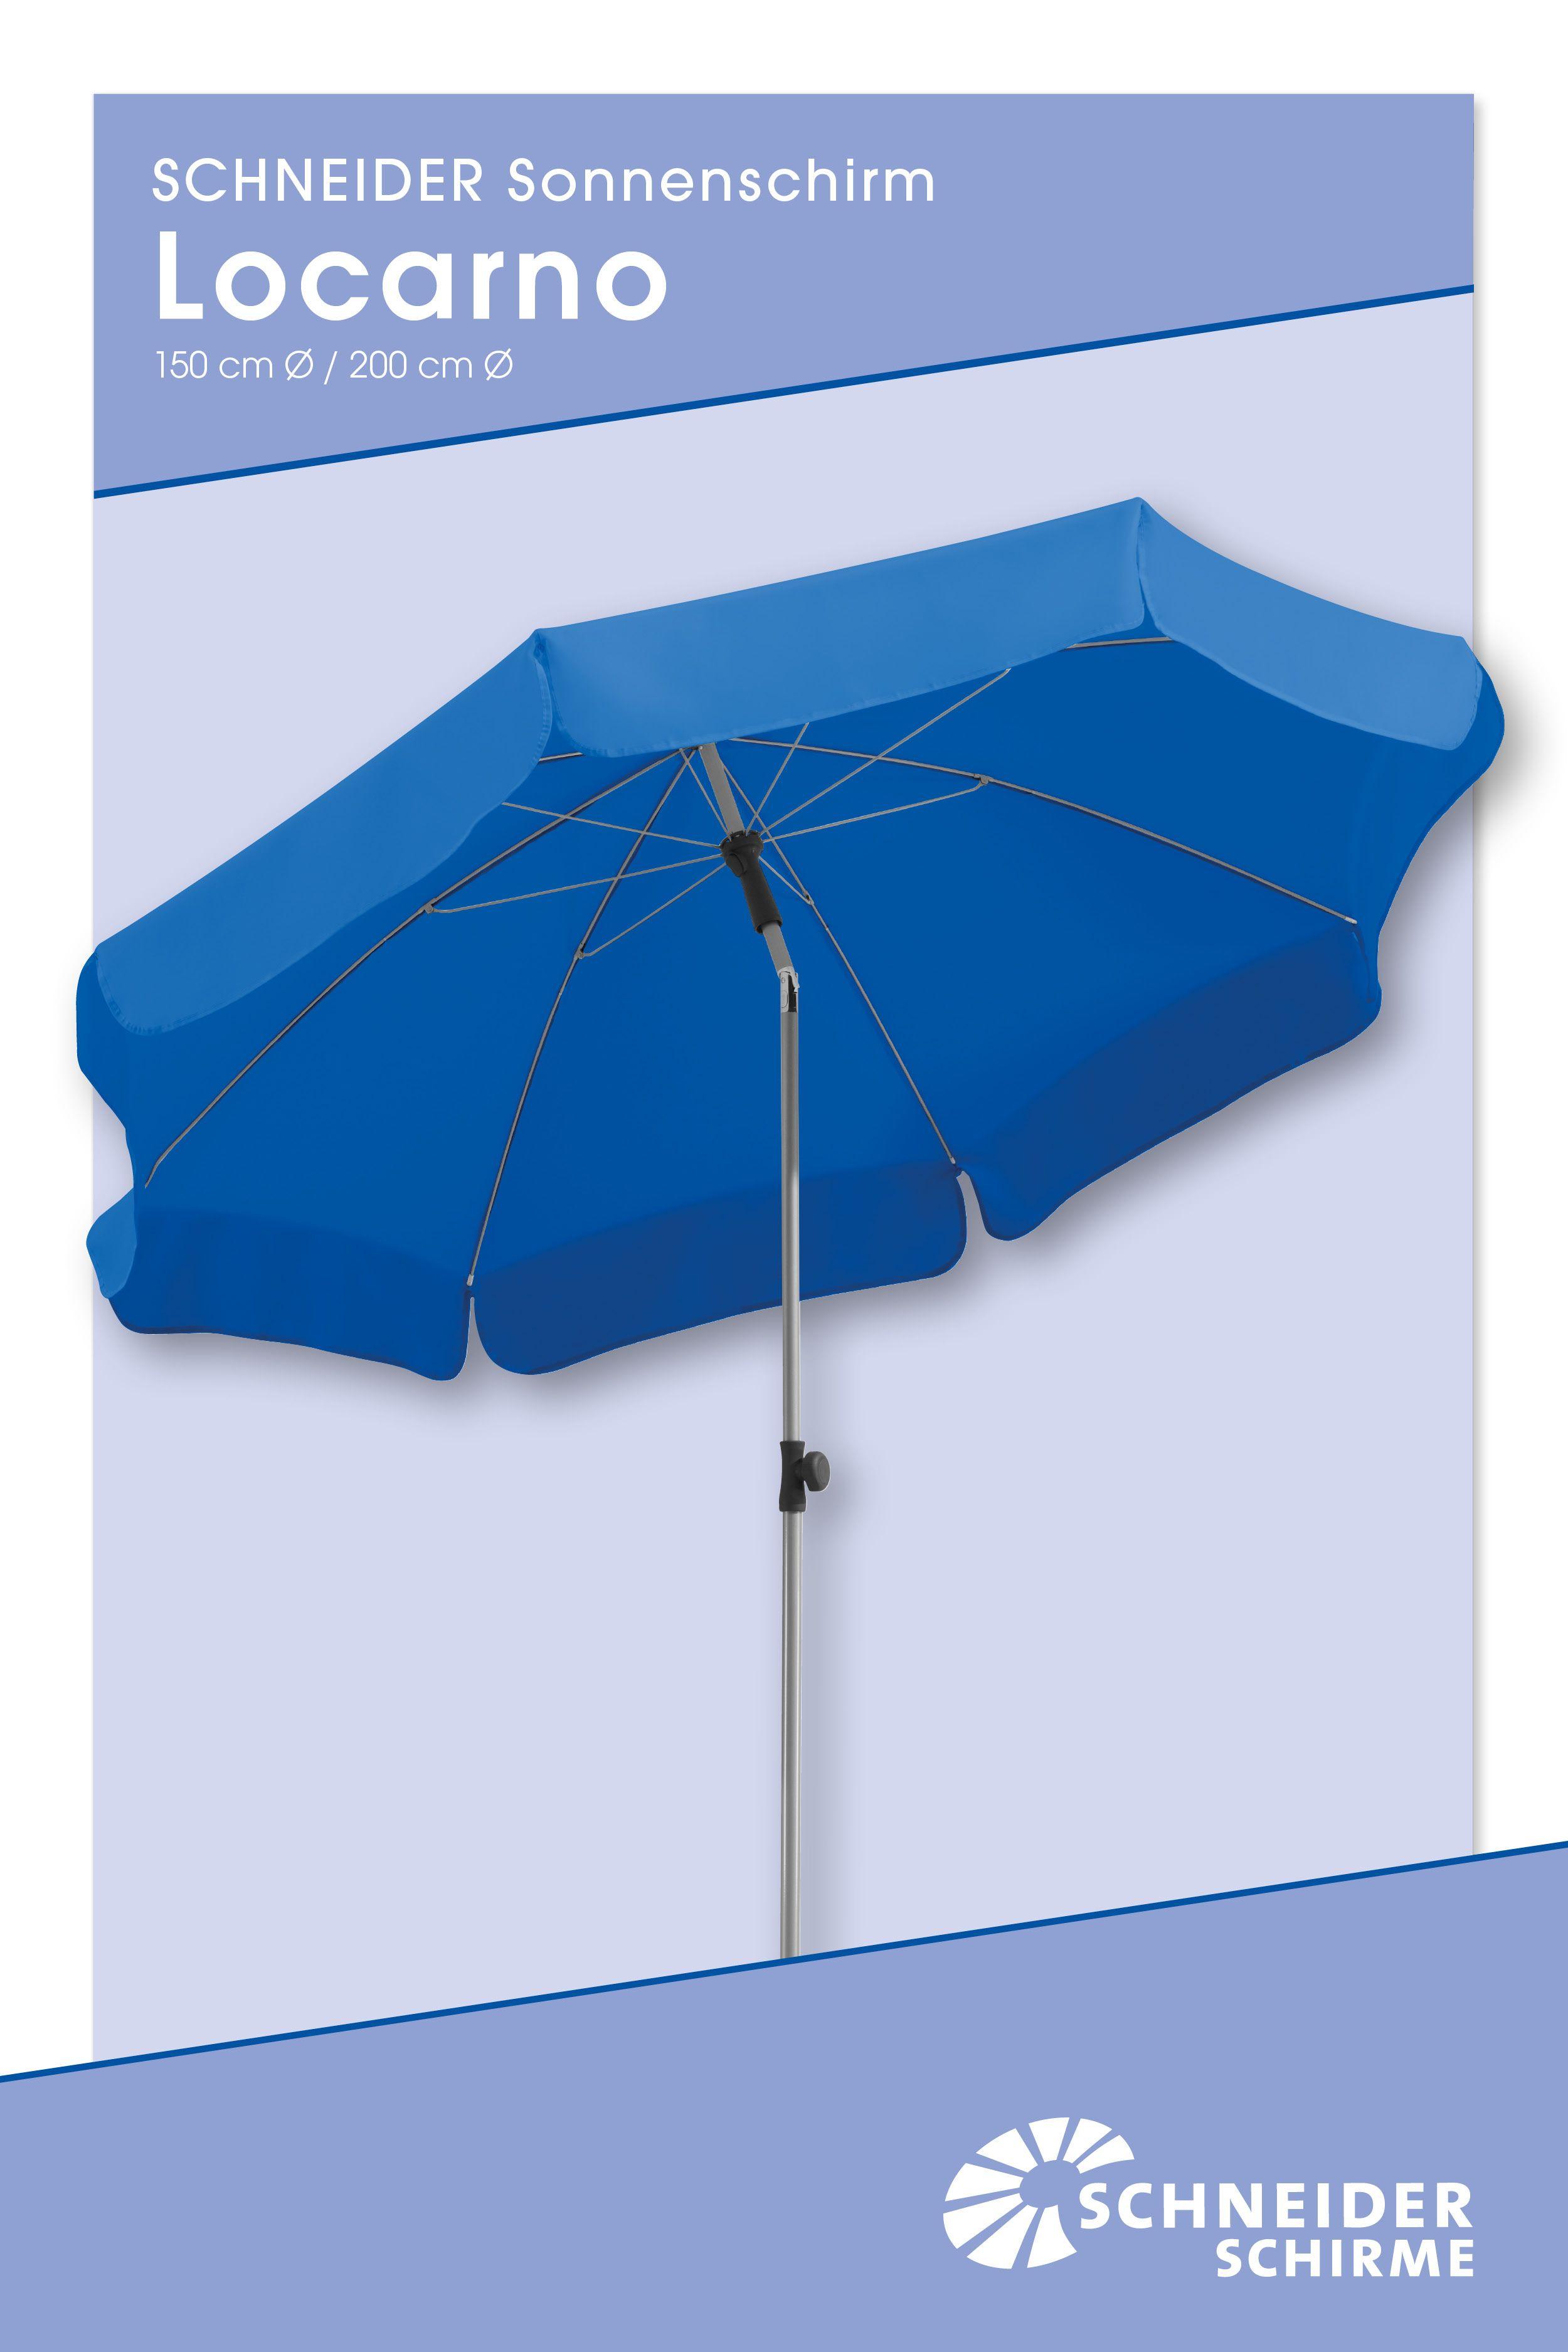 Locarno 150 Bzw 200 Cm O In 2020 Sonnenschirm Locarno Schirm